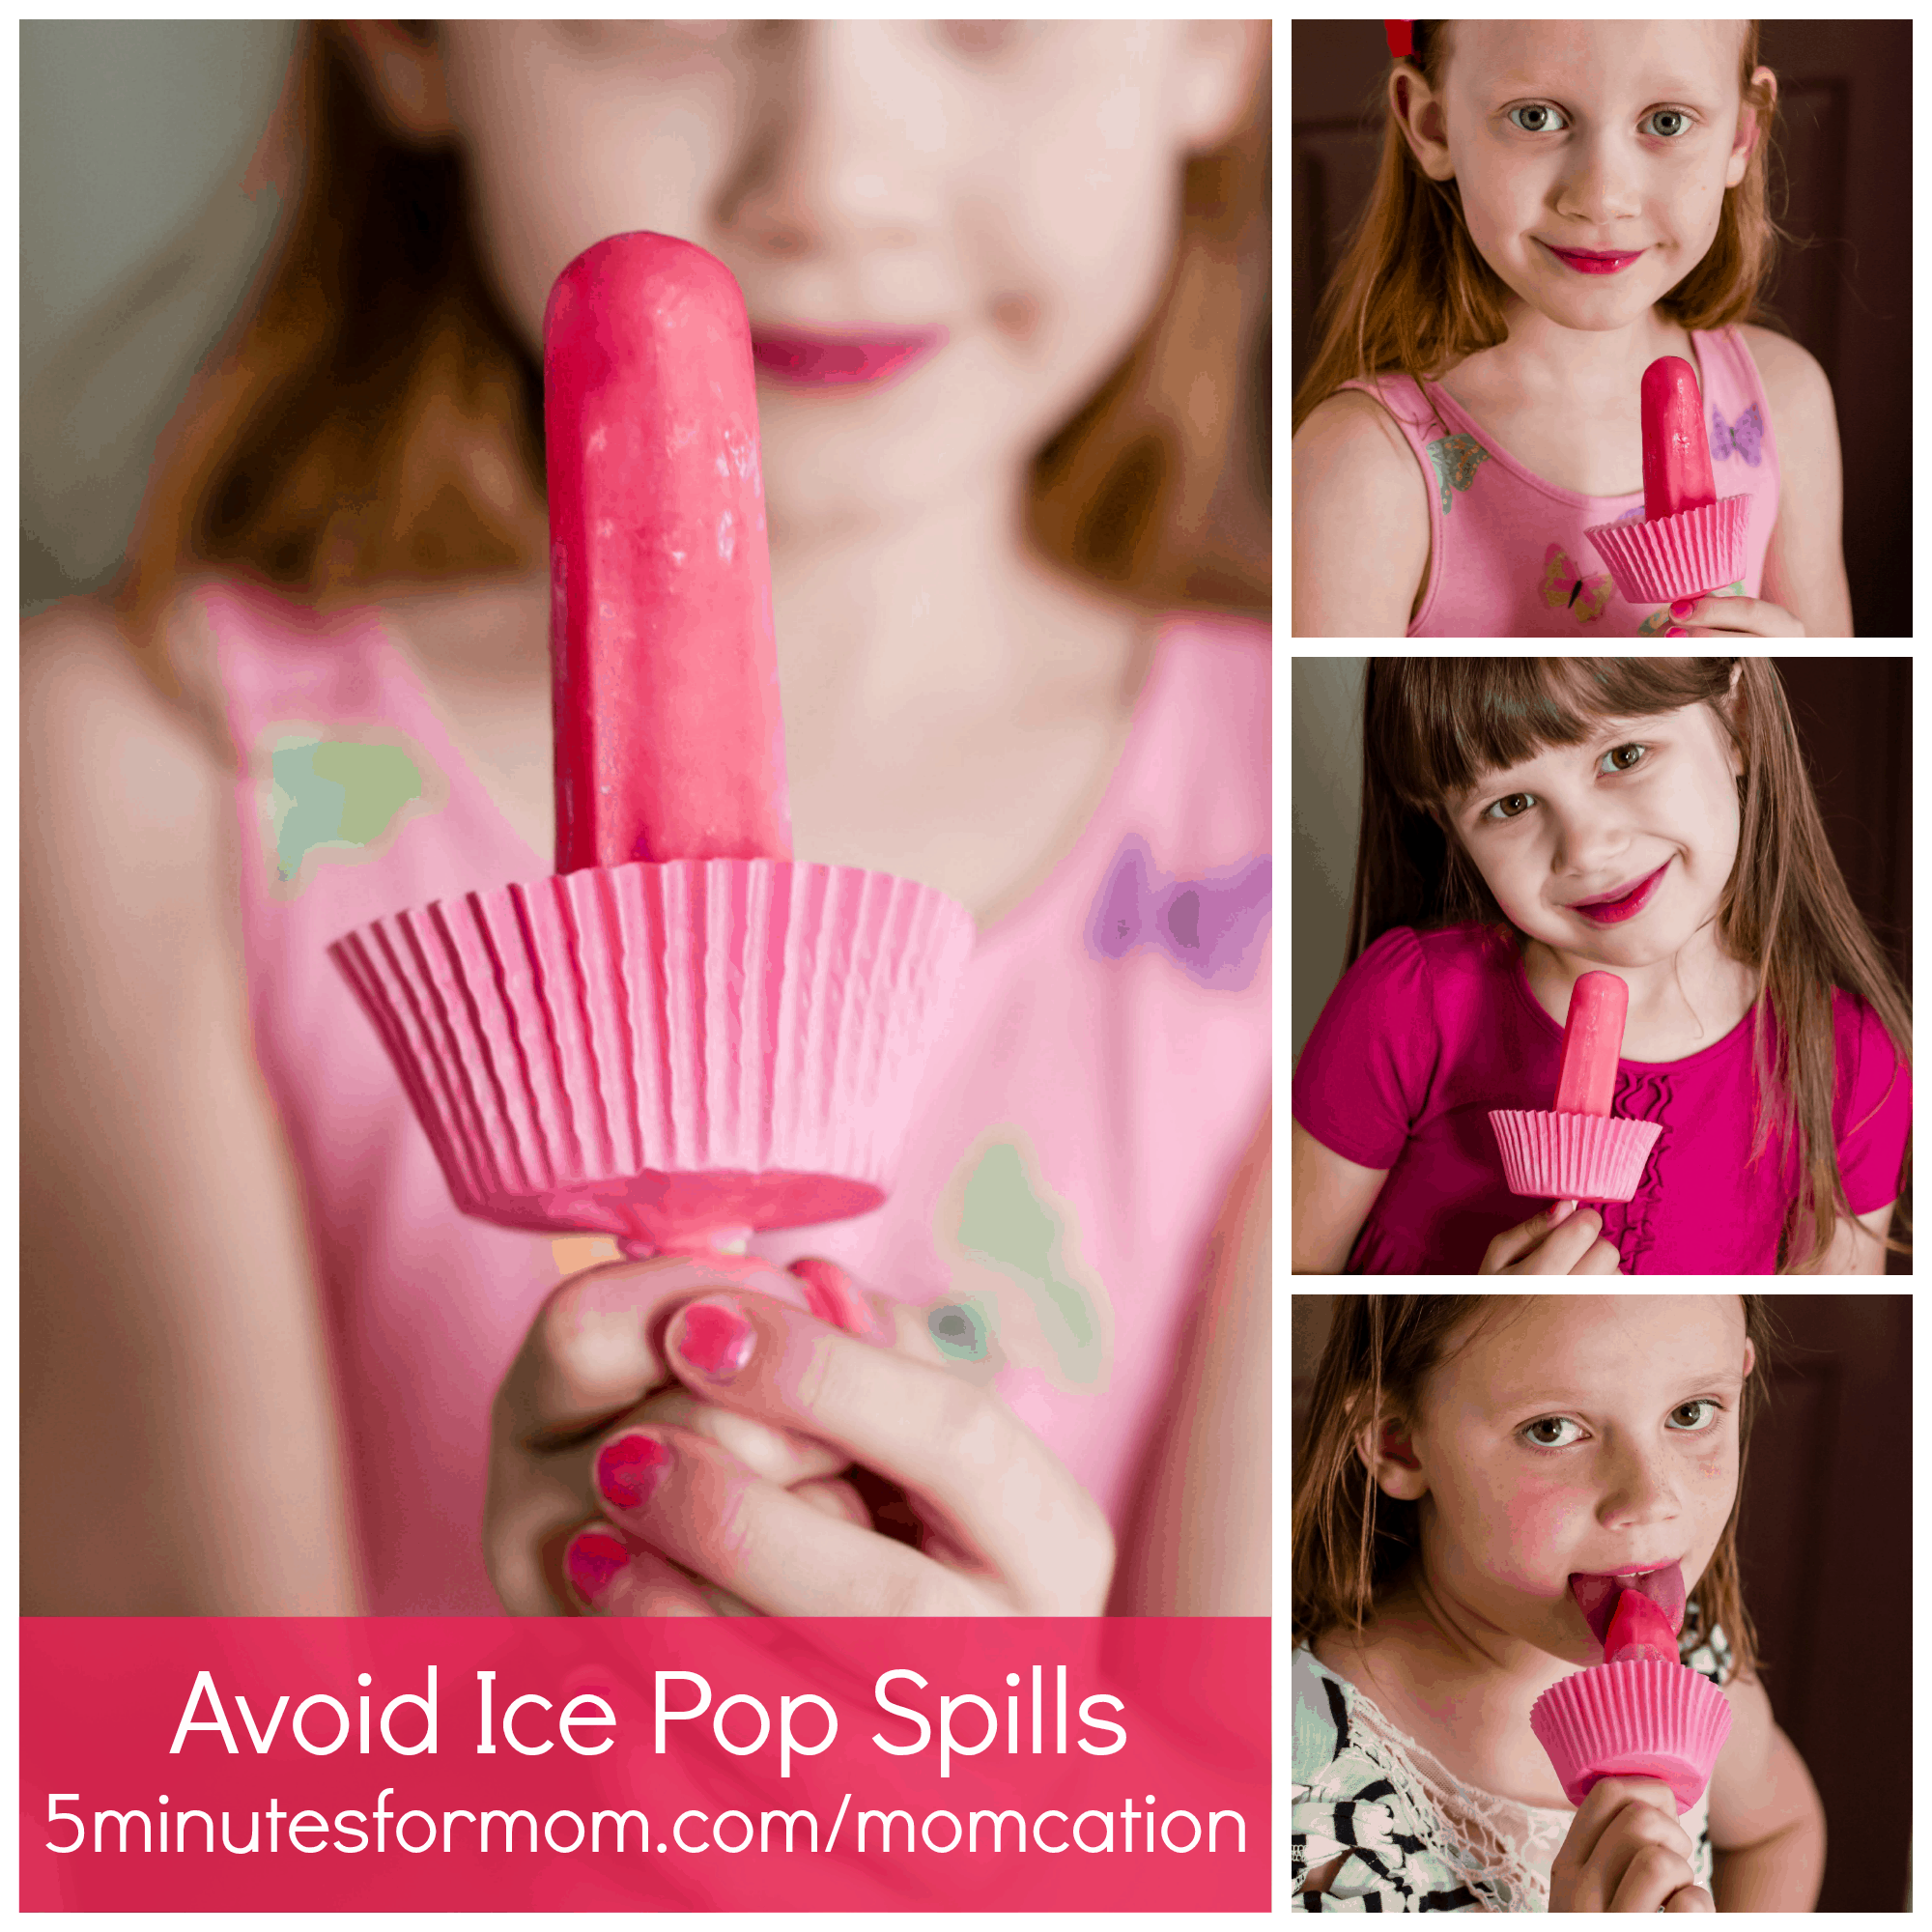 Avoid Ice Pop Spills